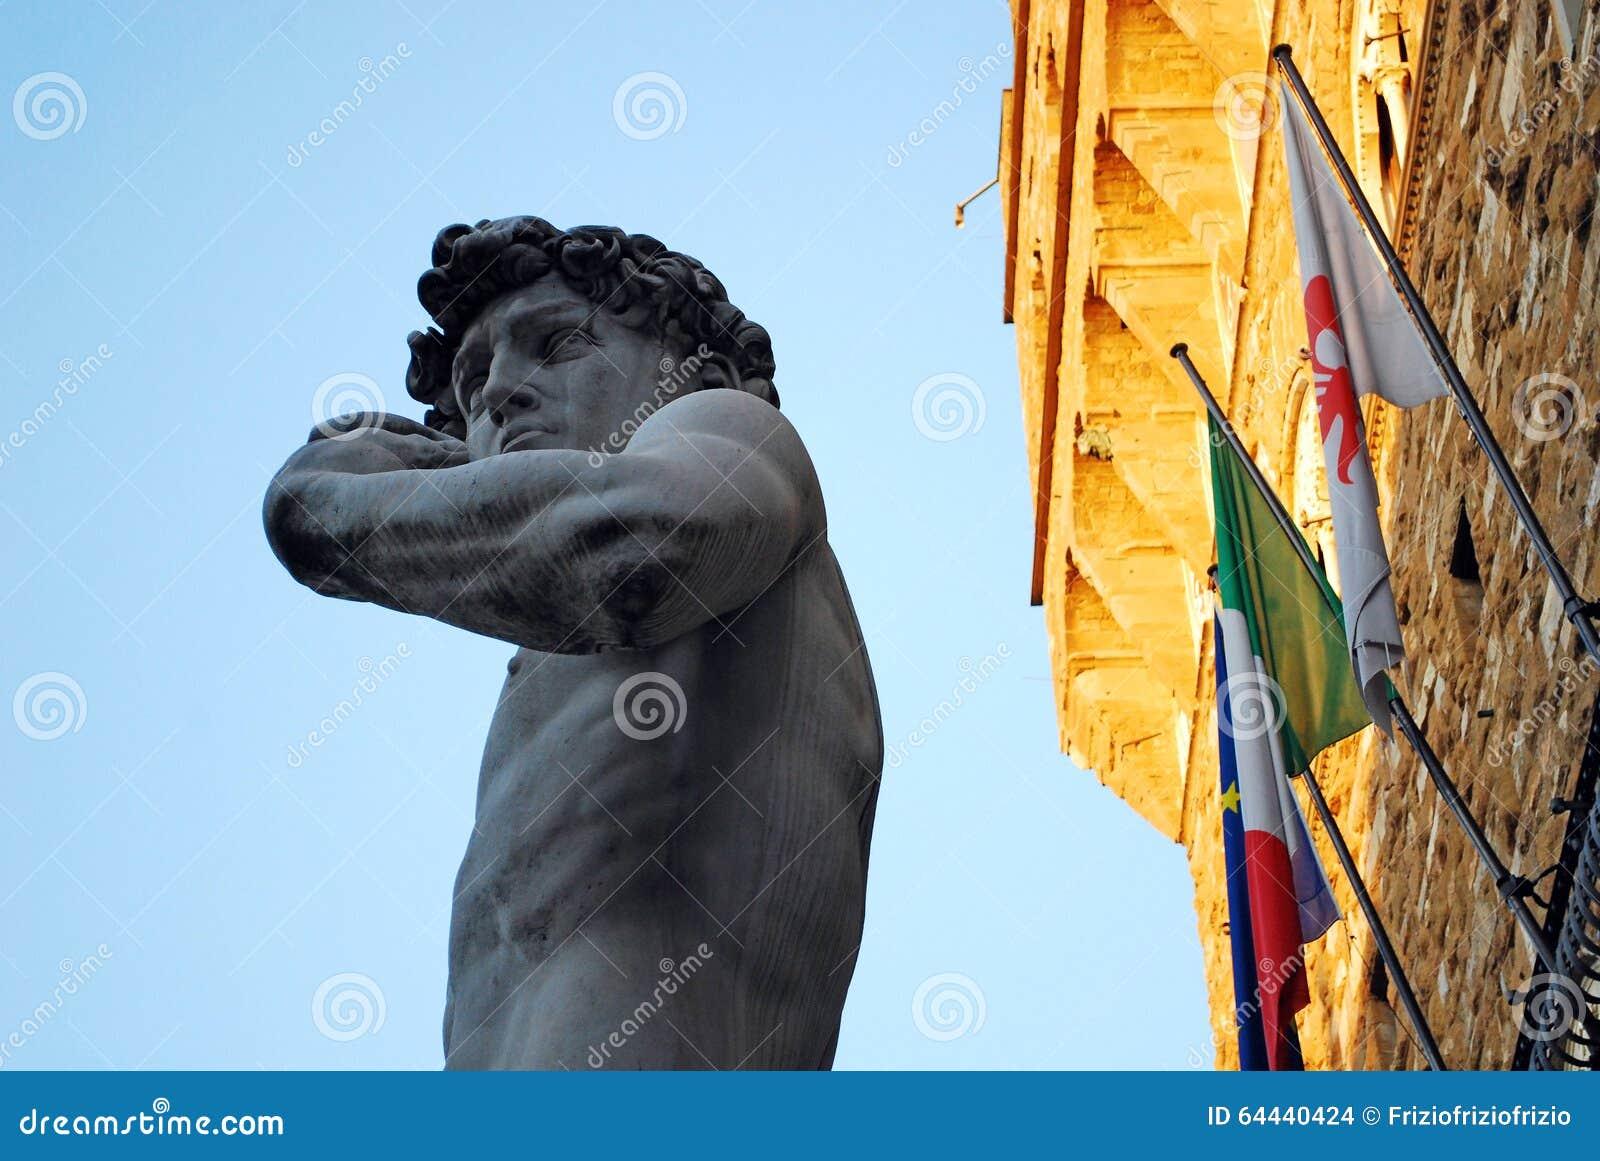 FLORENCE, ITALY - NOVEMBER, 2015: David statue of Michelangelo Buonarroti, copy in the Signoria s square